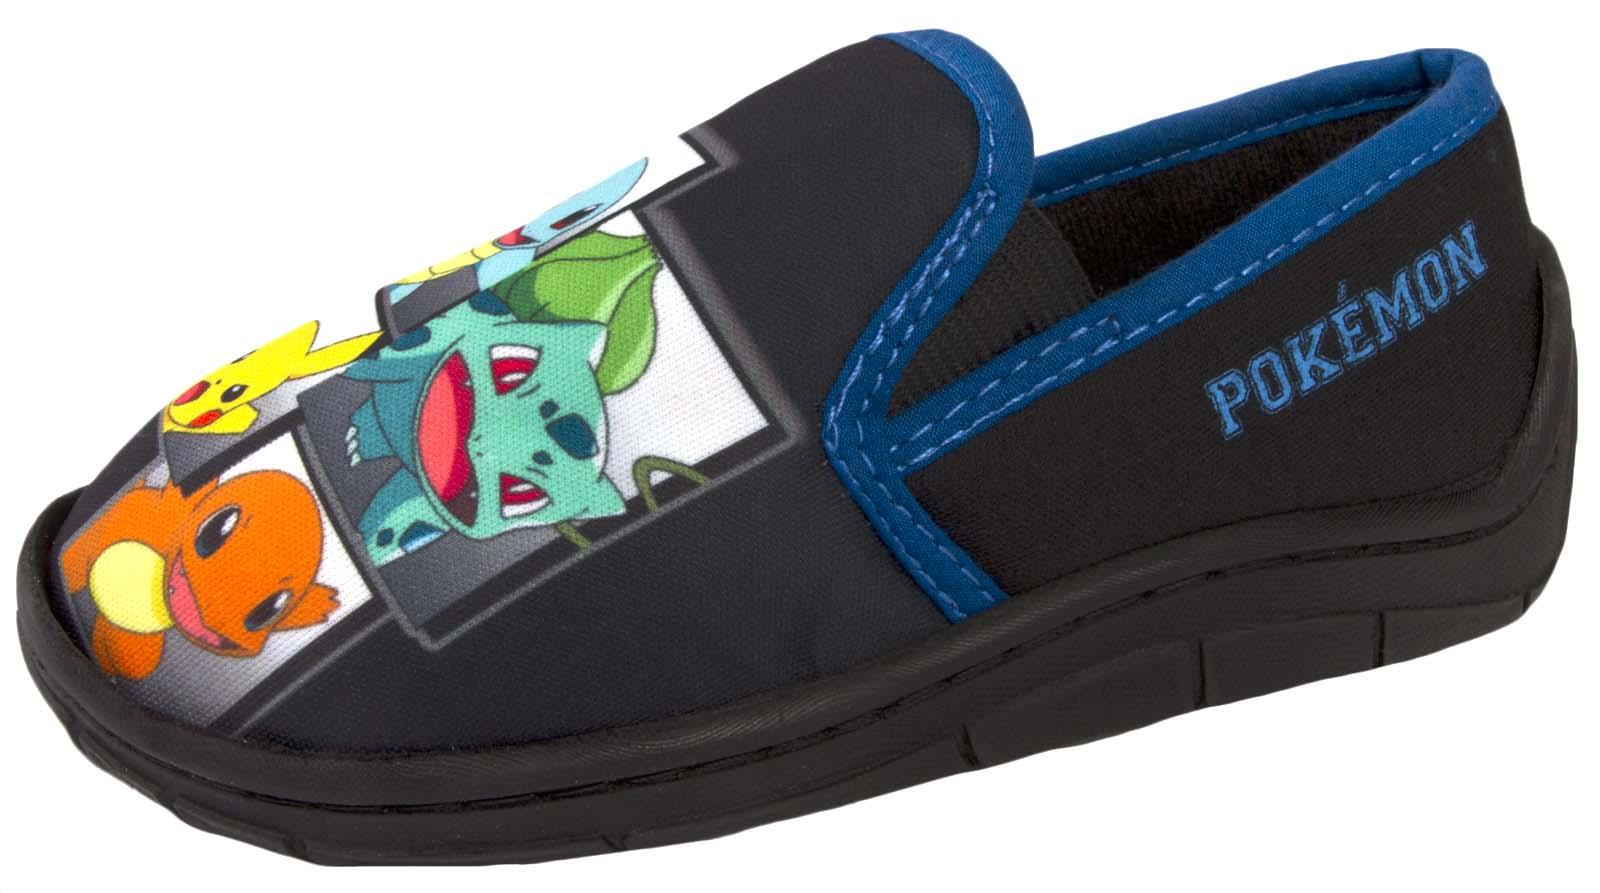 Chicos Zapatillas De Pokemon Pikachu comodidad mulas House Shoes Kanto Arrancadores Niños Talla